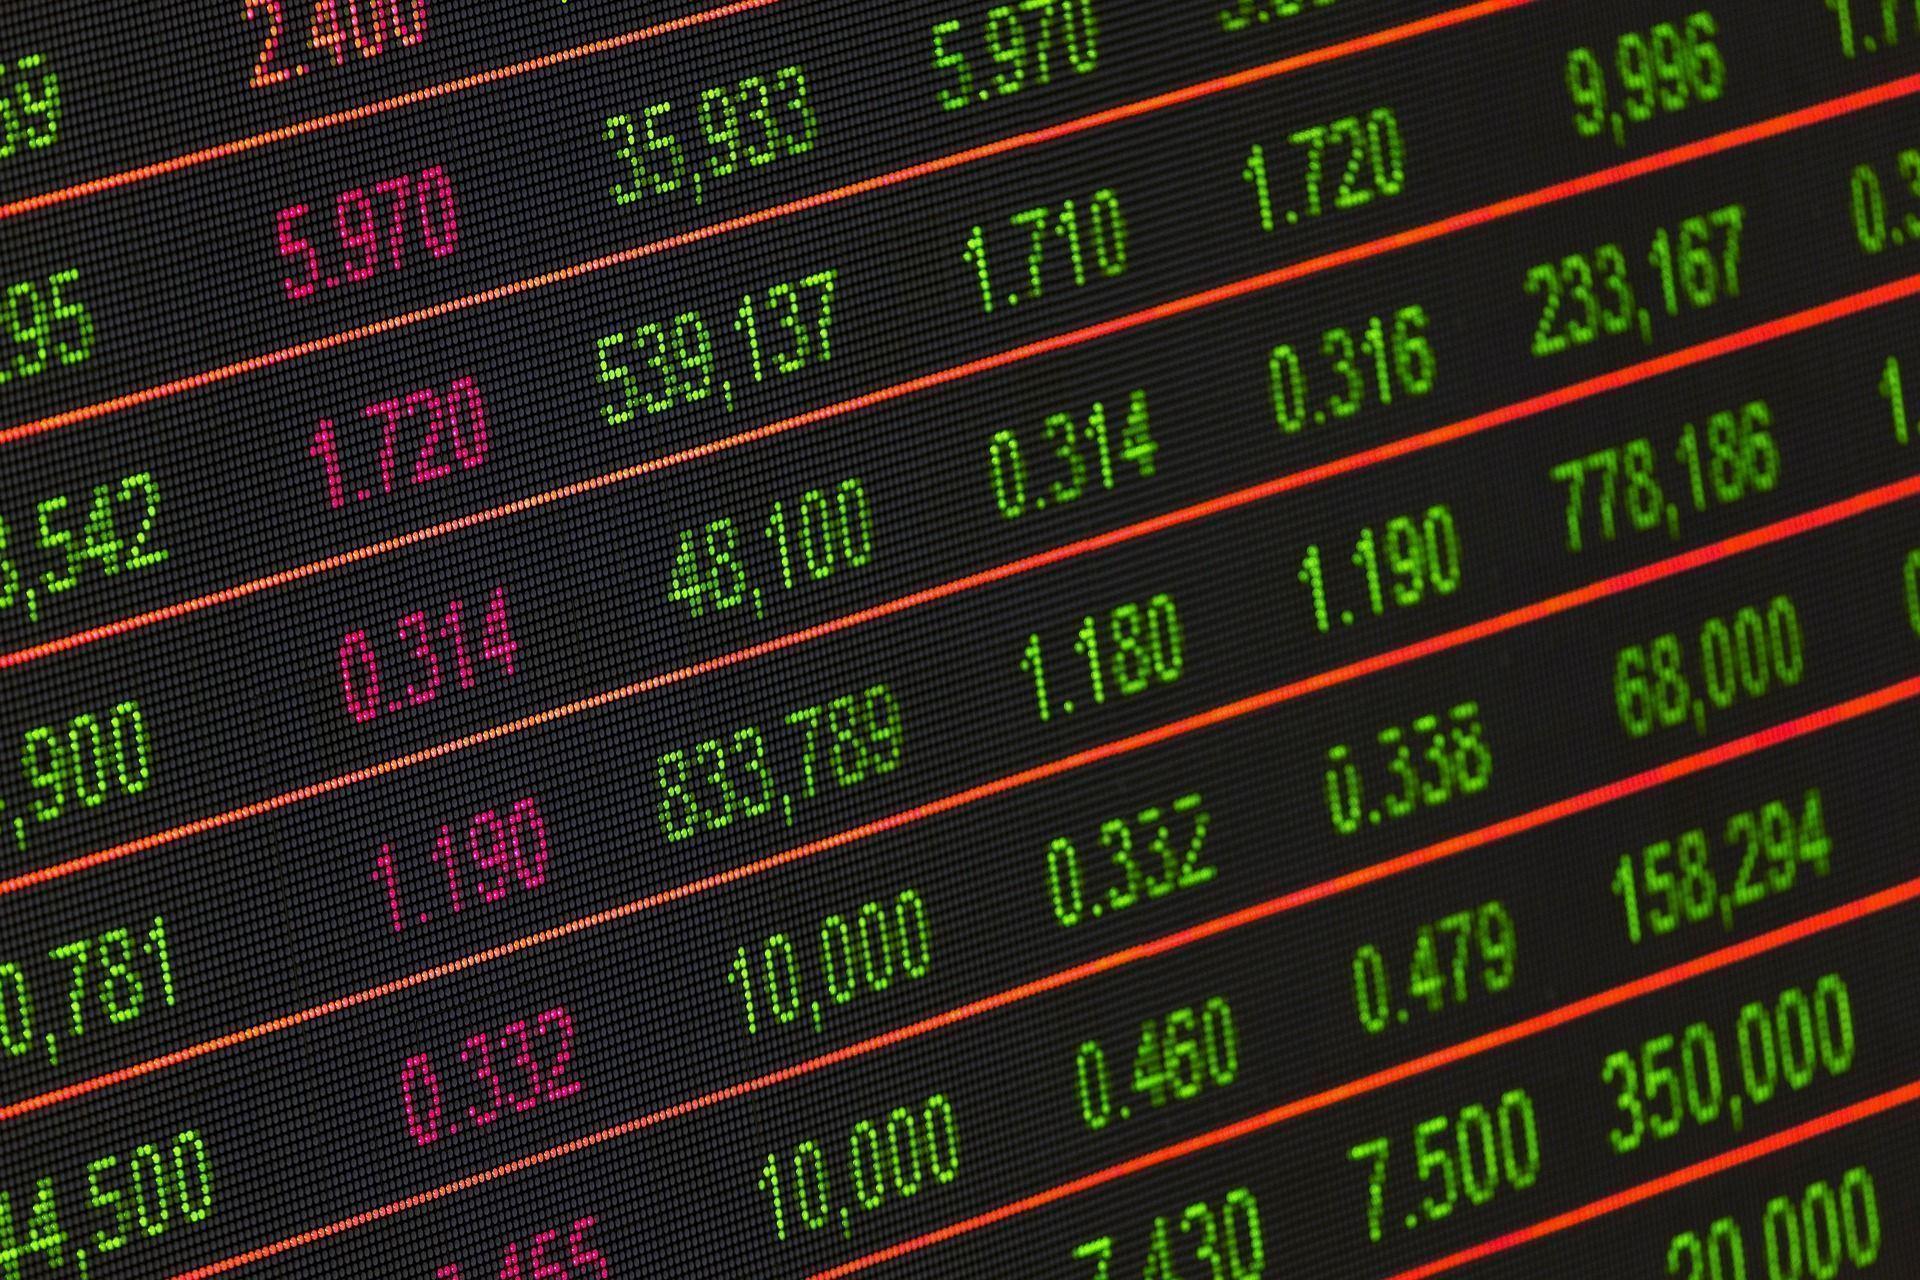 Cómo Descargar Precios de Acciones y Transformar Texto en Columnas